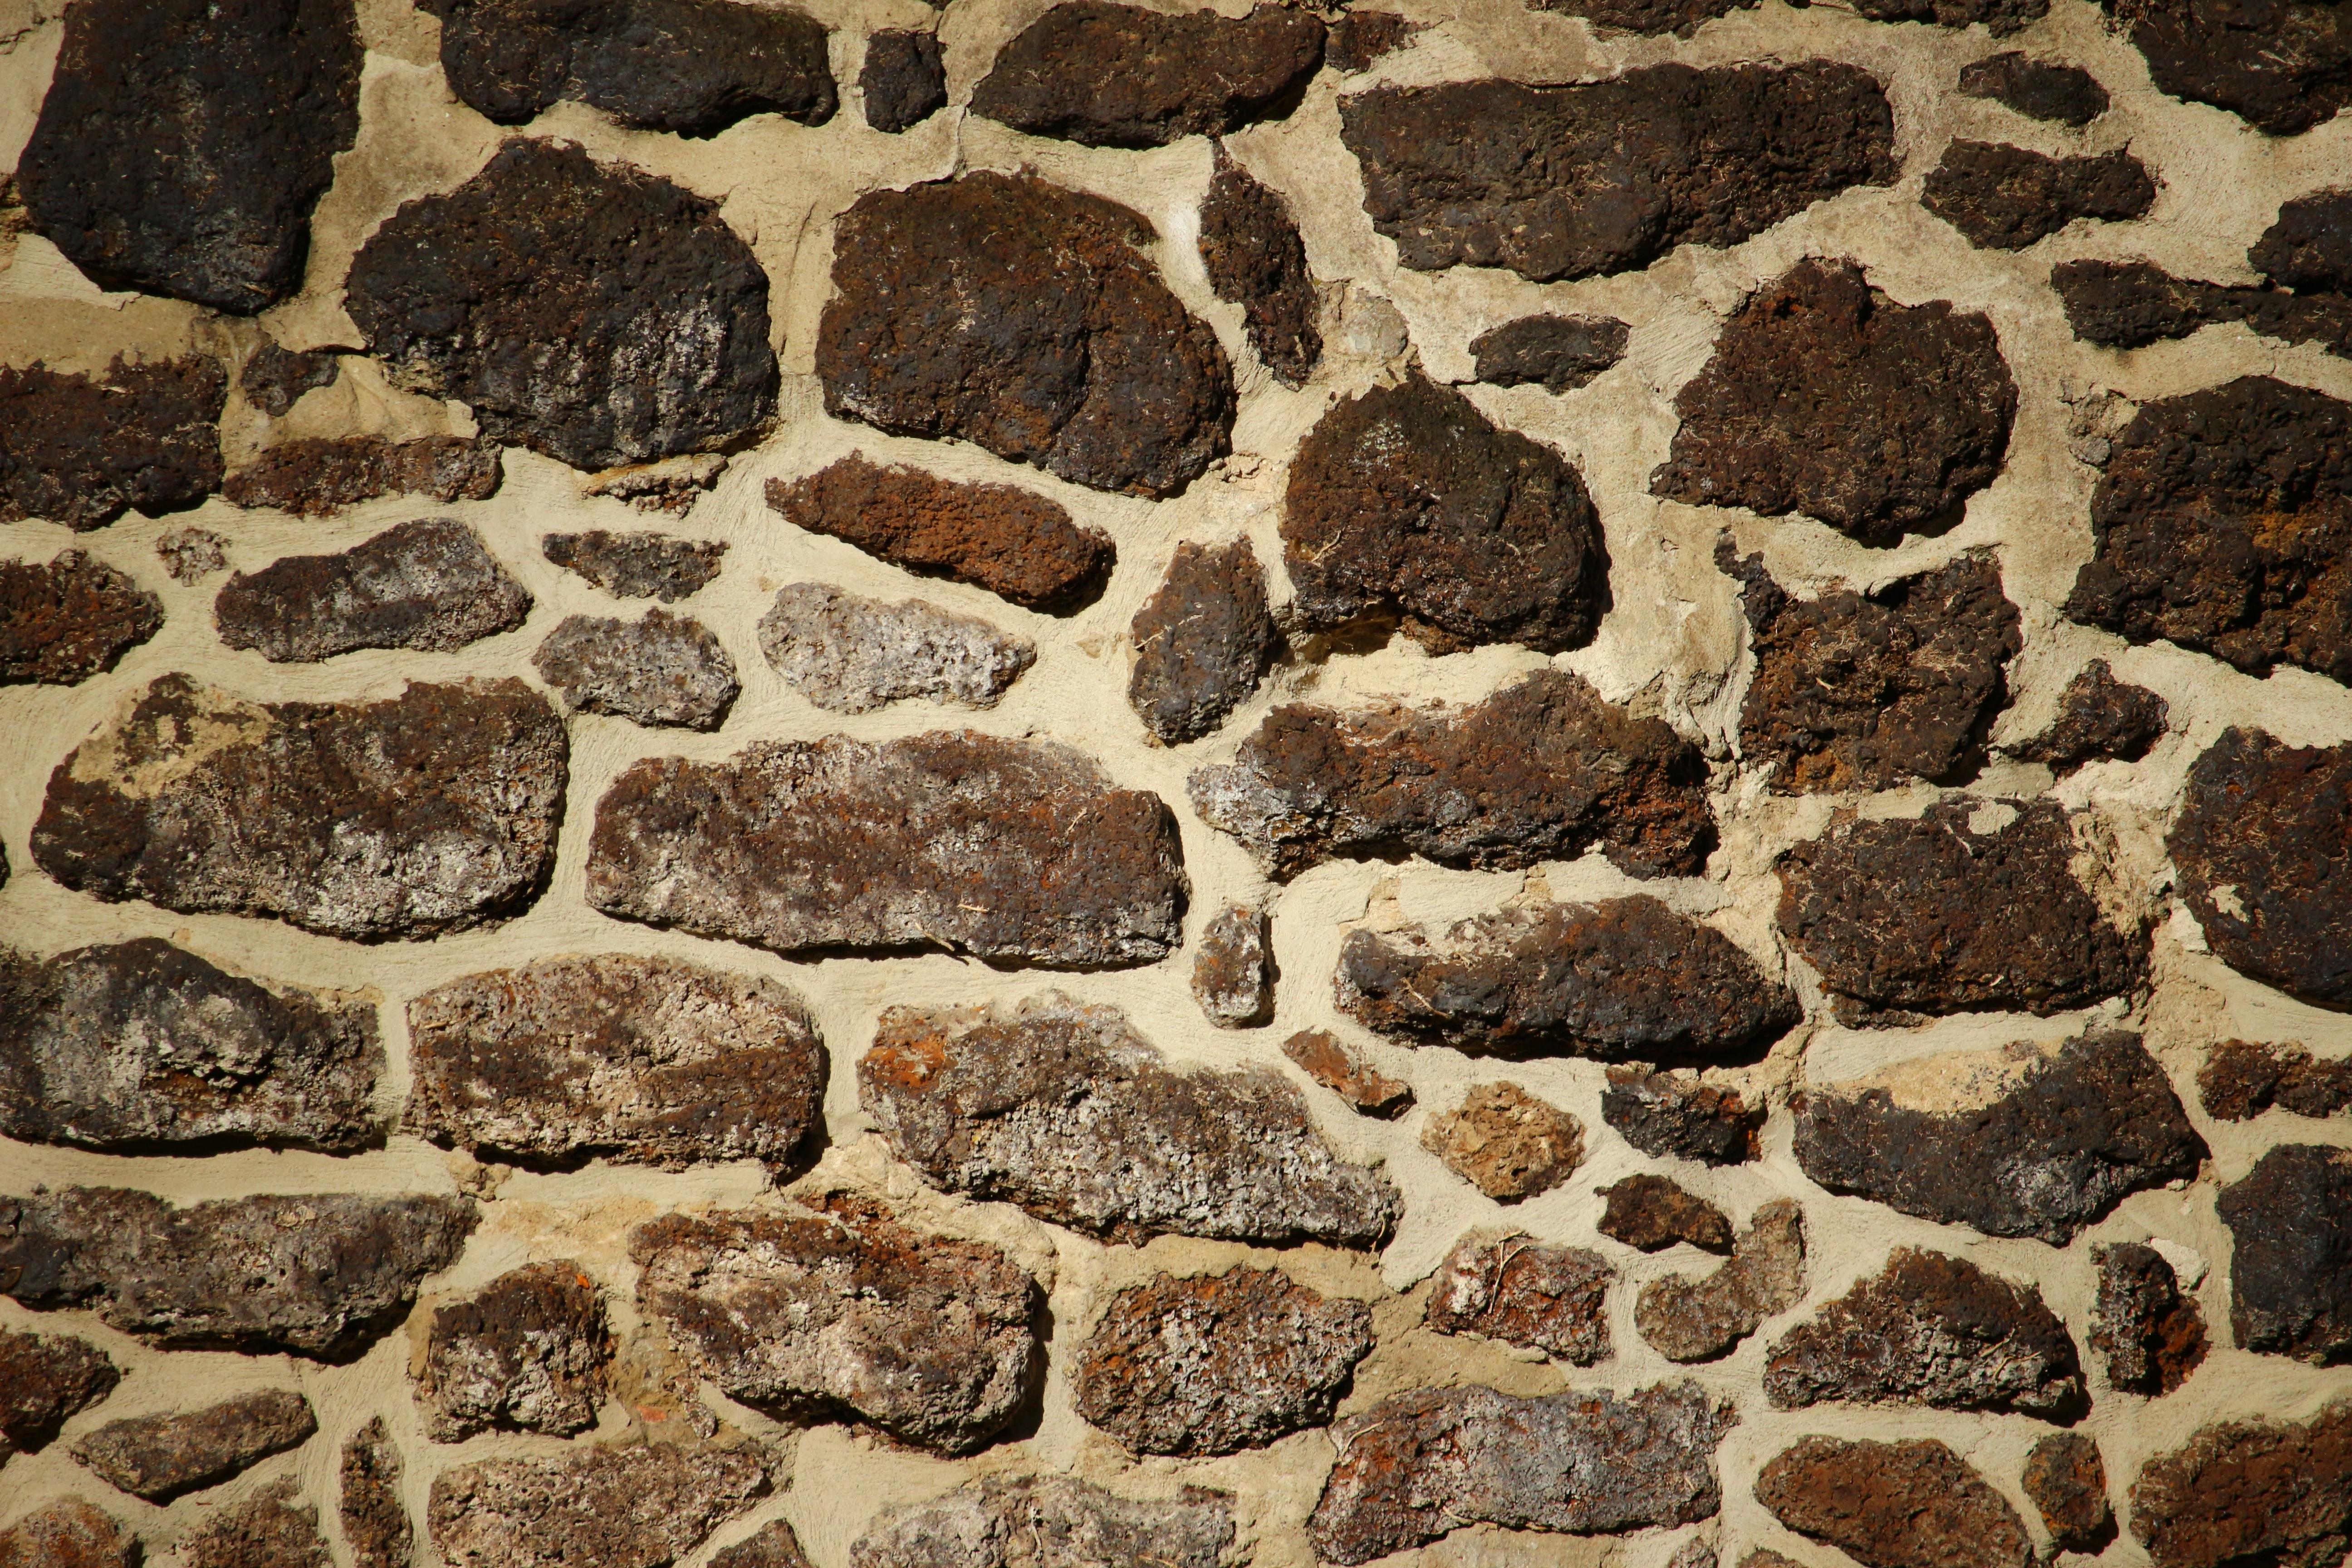 rock piso guijarro pared piedra patrn suelo pared de piedra ladrillo material diseo ladrillos albailera piedra - Pared Piedra